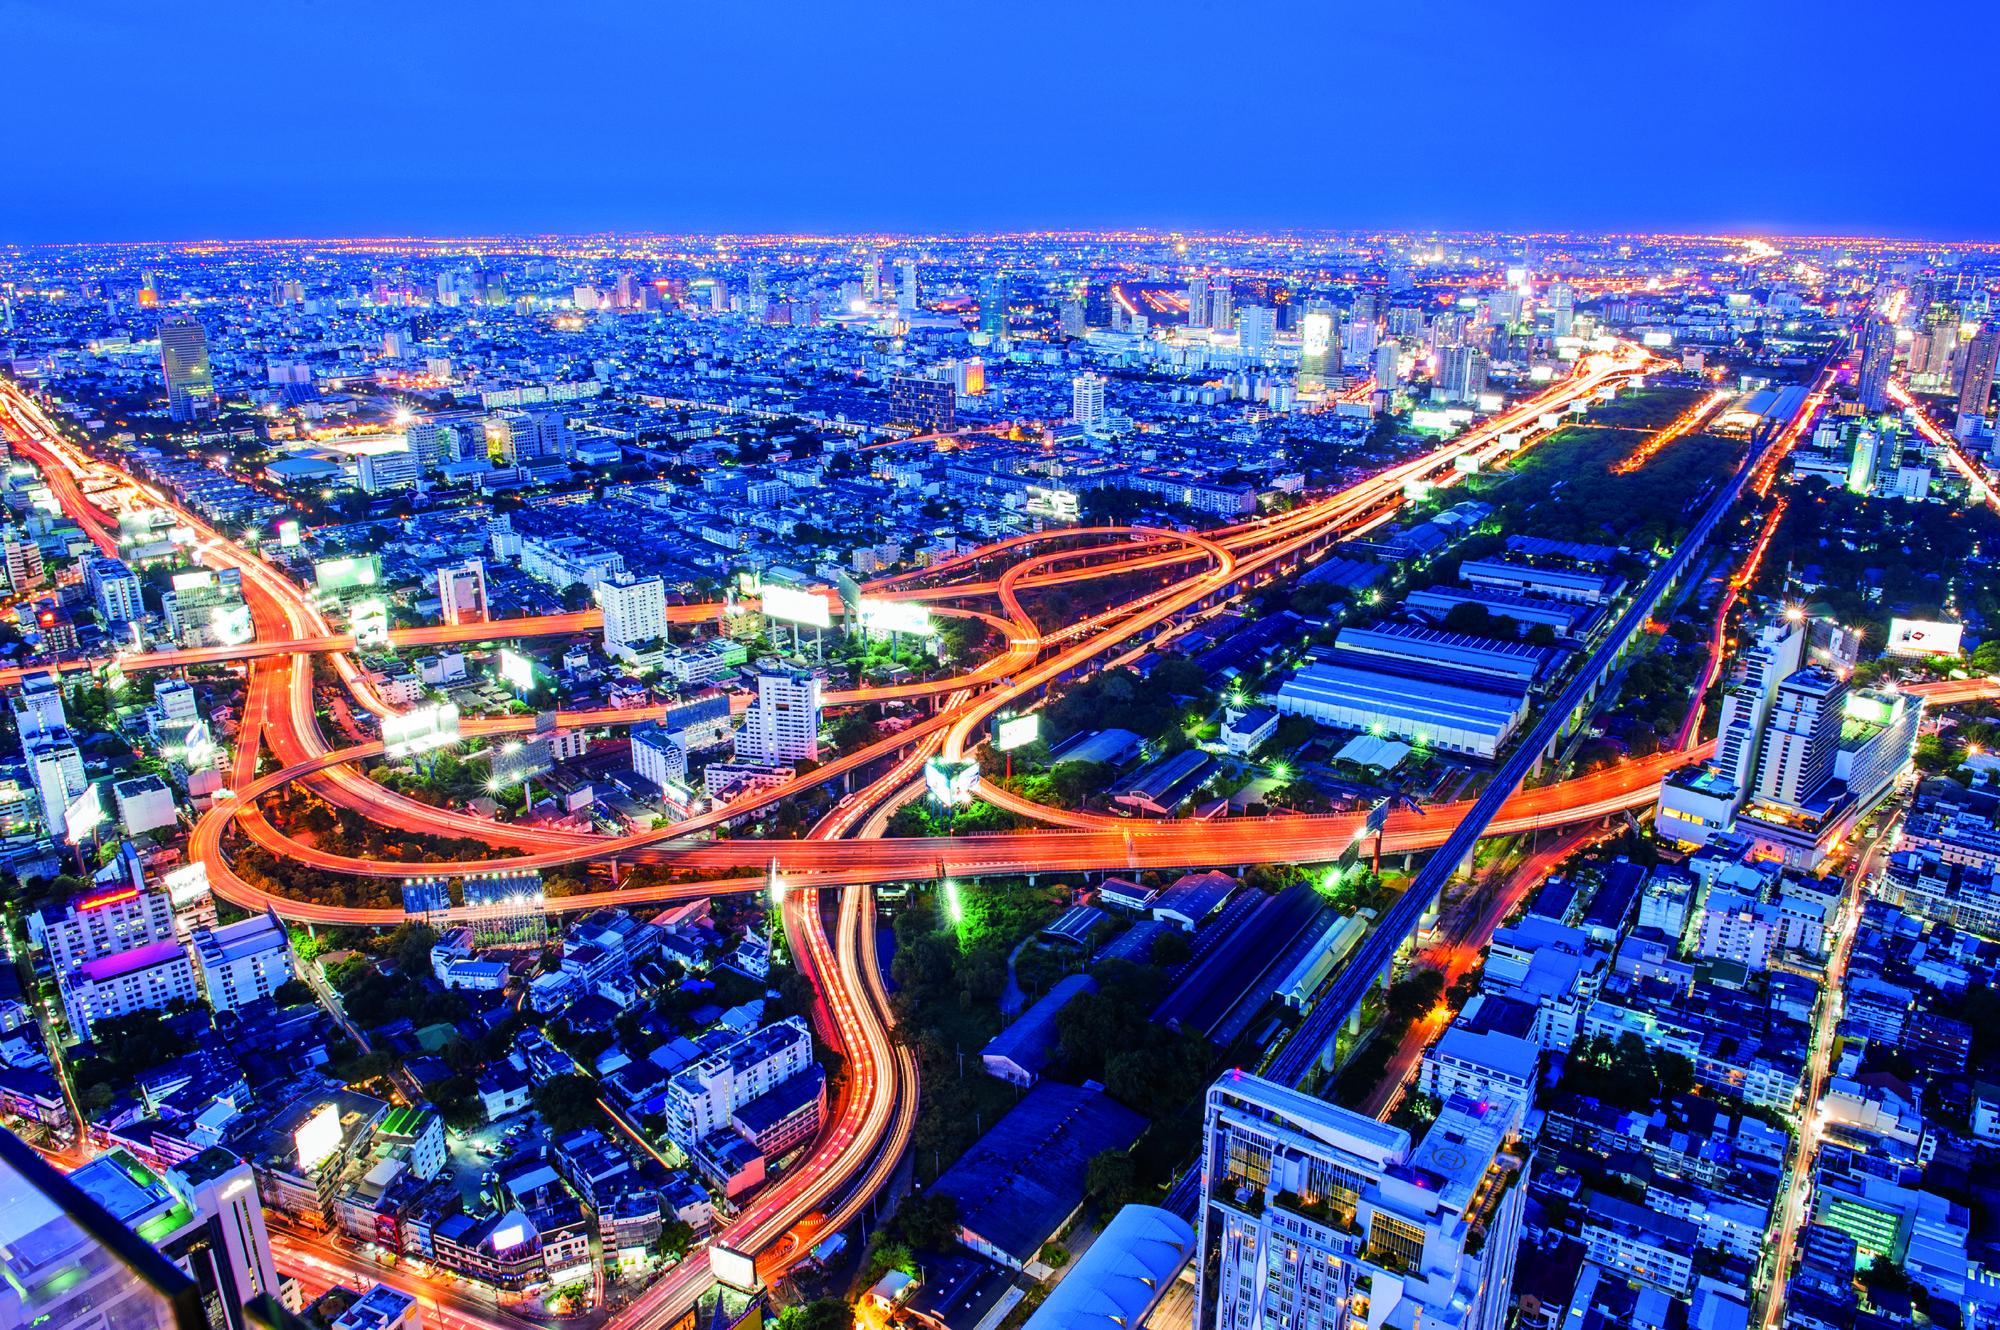 Tendencias dominantes en la agenda europea sobre el futuro de las ciudades, Courtesy of Universidad Europea de Madrid